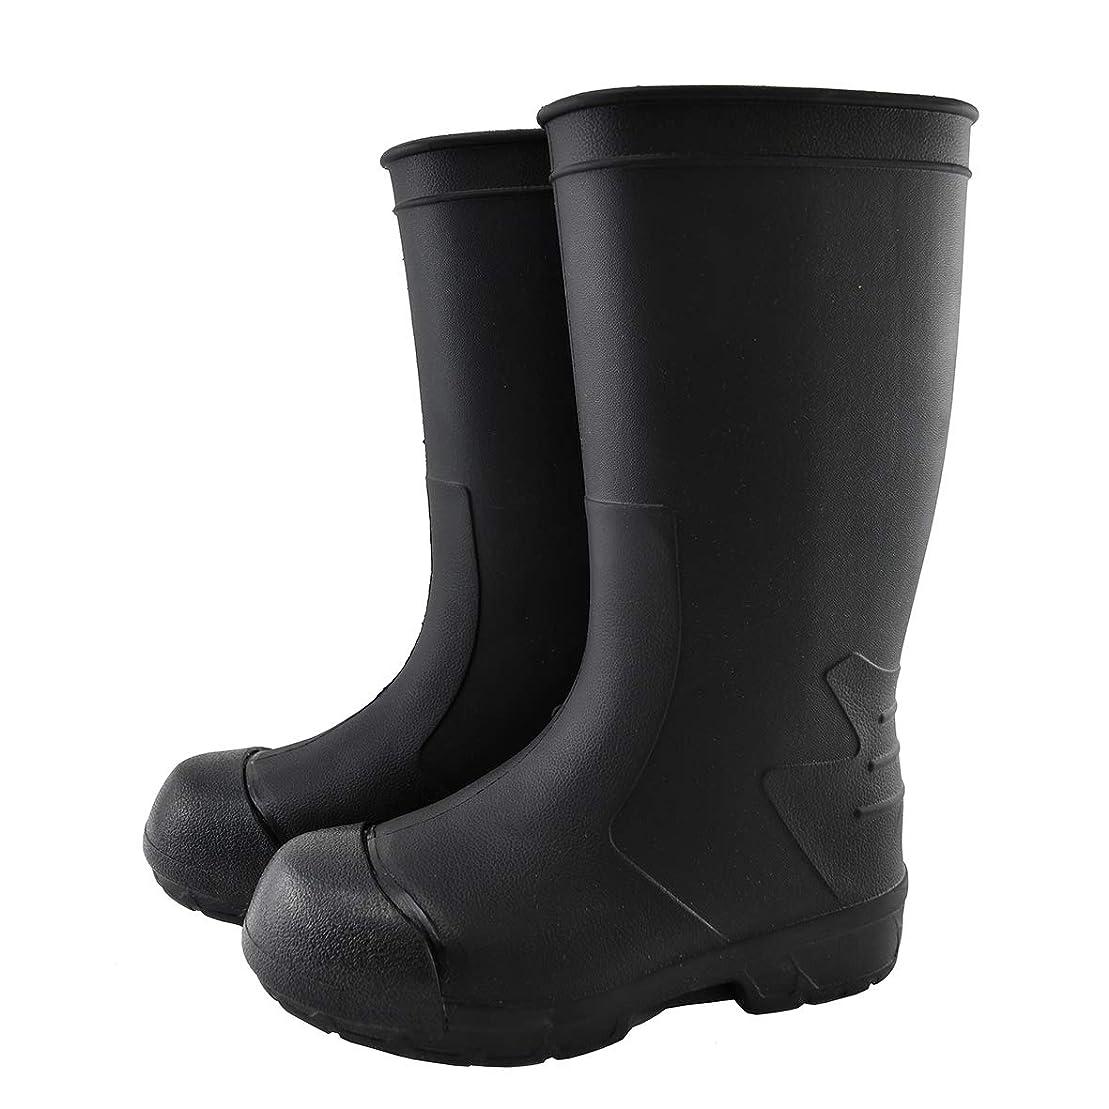 人道的カウンターパート定常[STICO] スティコ WBM-12 長靴 つま先保護 滑り止め 作業靴 軽量 耐滑 耐油 男女兼用 インソール付き アウトドア